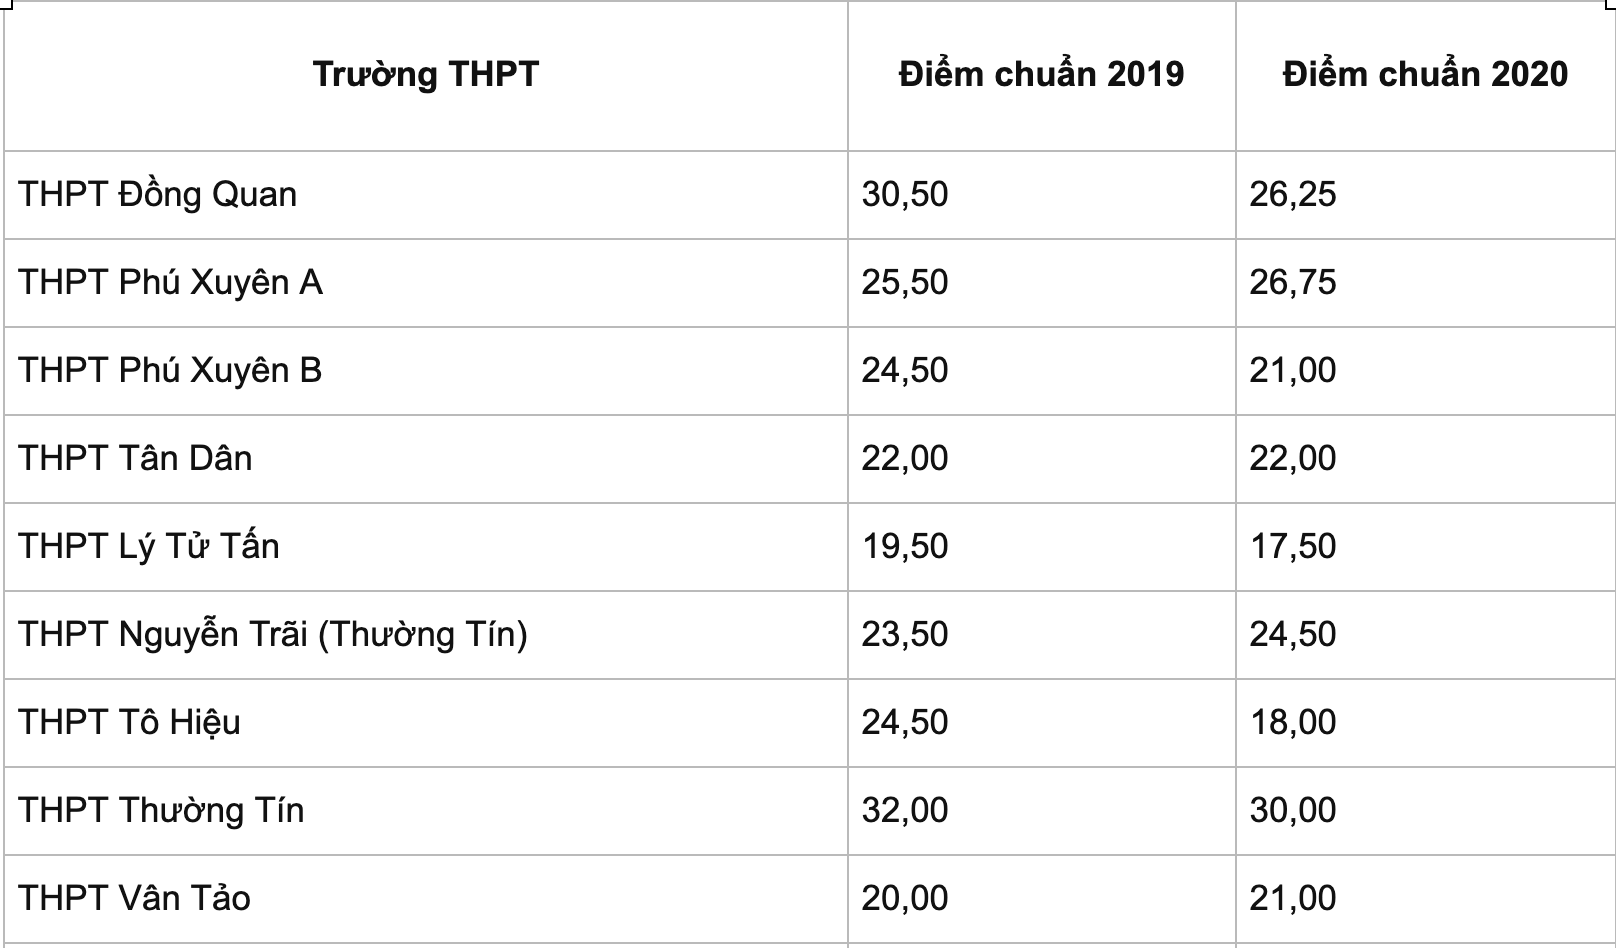 Thi lớp 10 ở Hà Nội: Dự kiến điểm thi, điểm chuẩn đều cao - 13